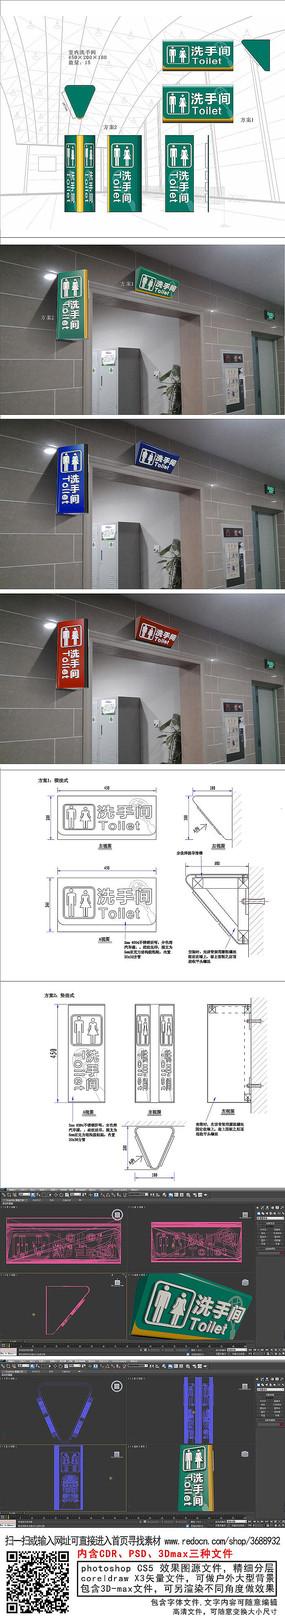 洗手间门牌公共标识厕所牌